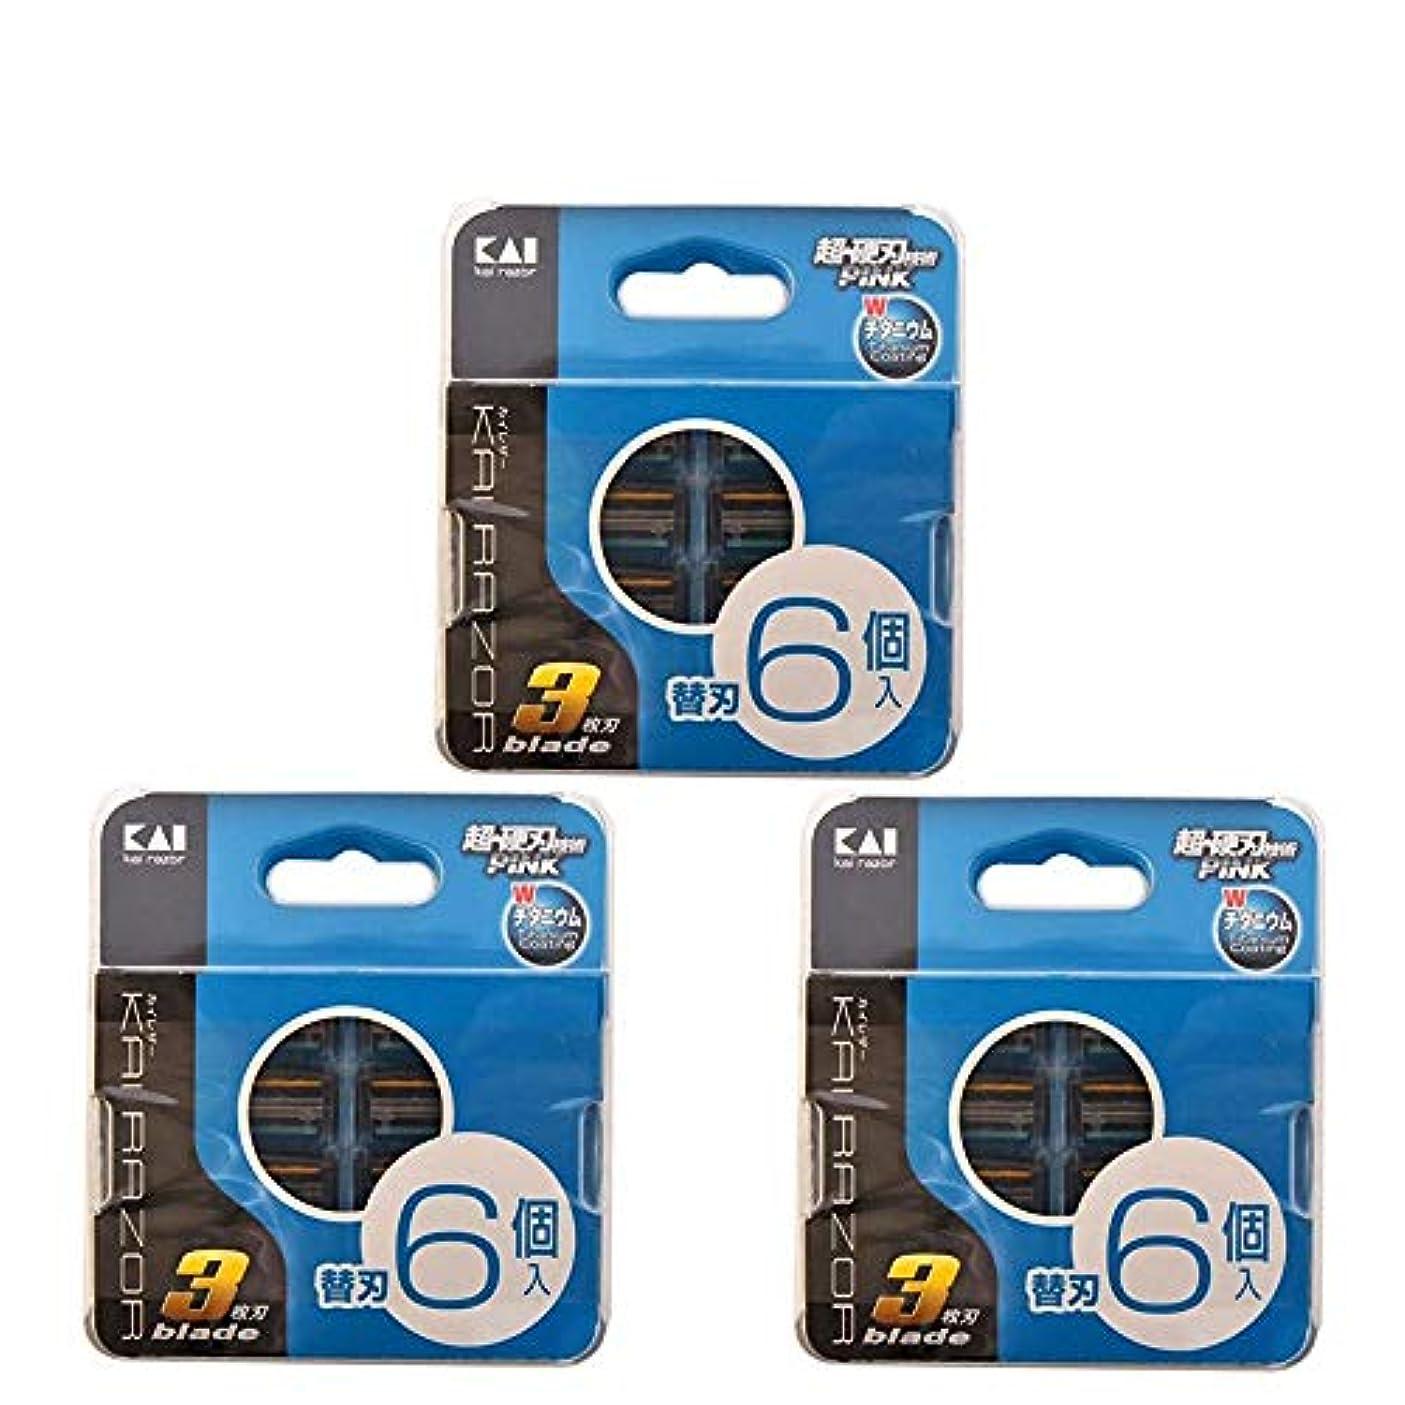 曲安価なシプリーカイレザー 3枚刃 替刃 6個入×3個